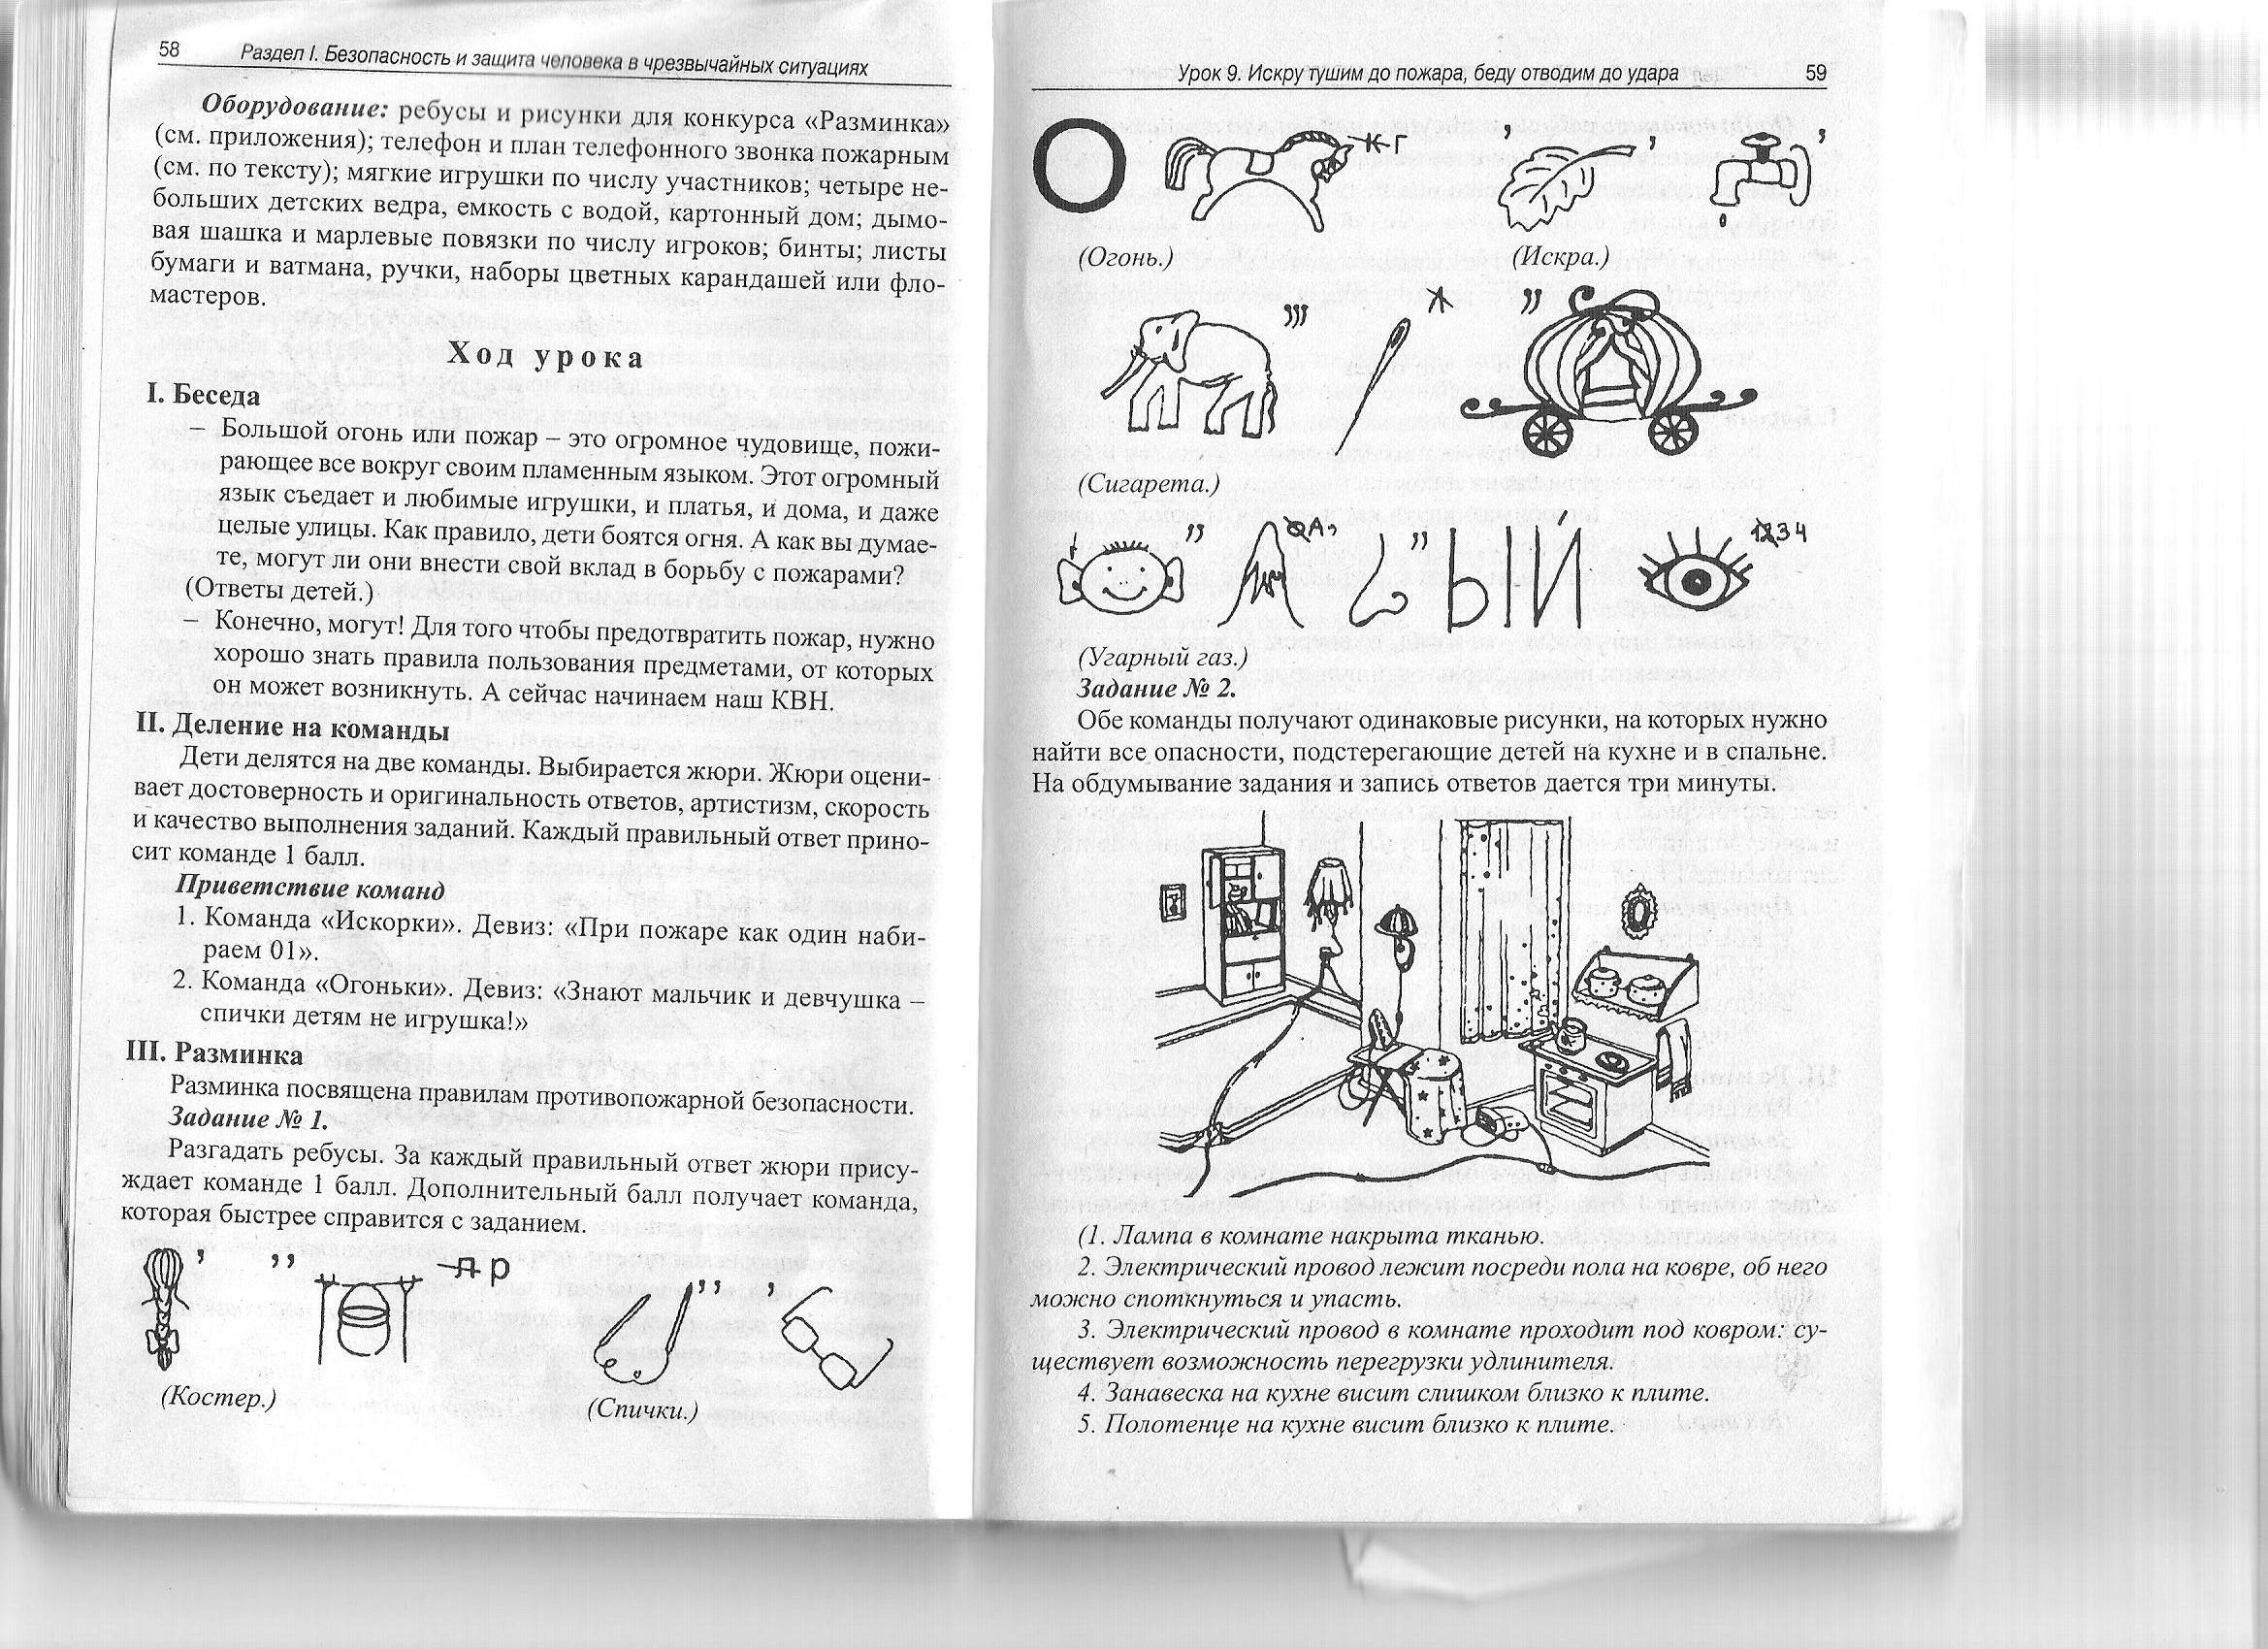 C:\Users\Роман\Pictures\2012-04-22\023.jpg